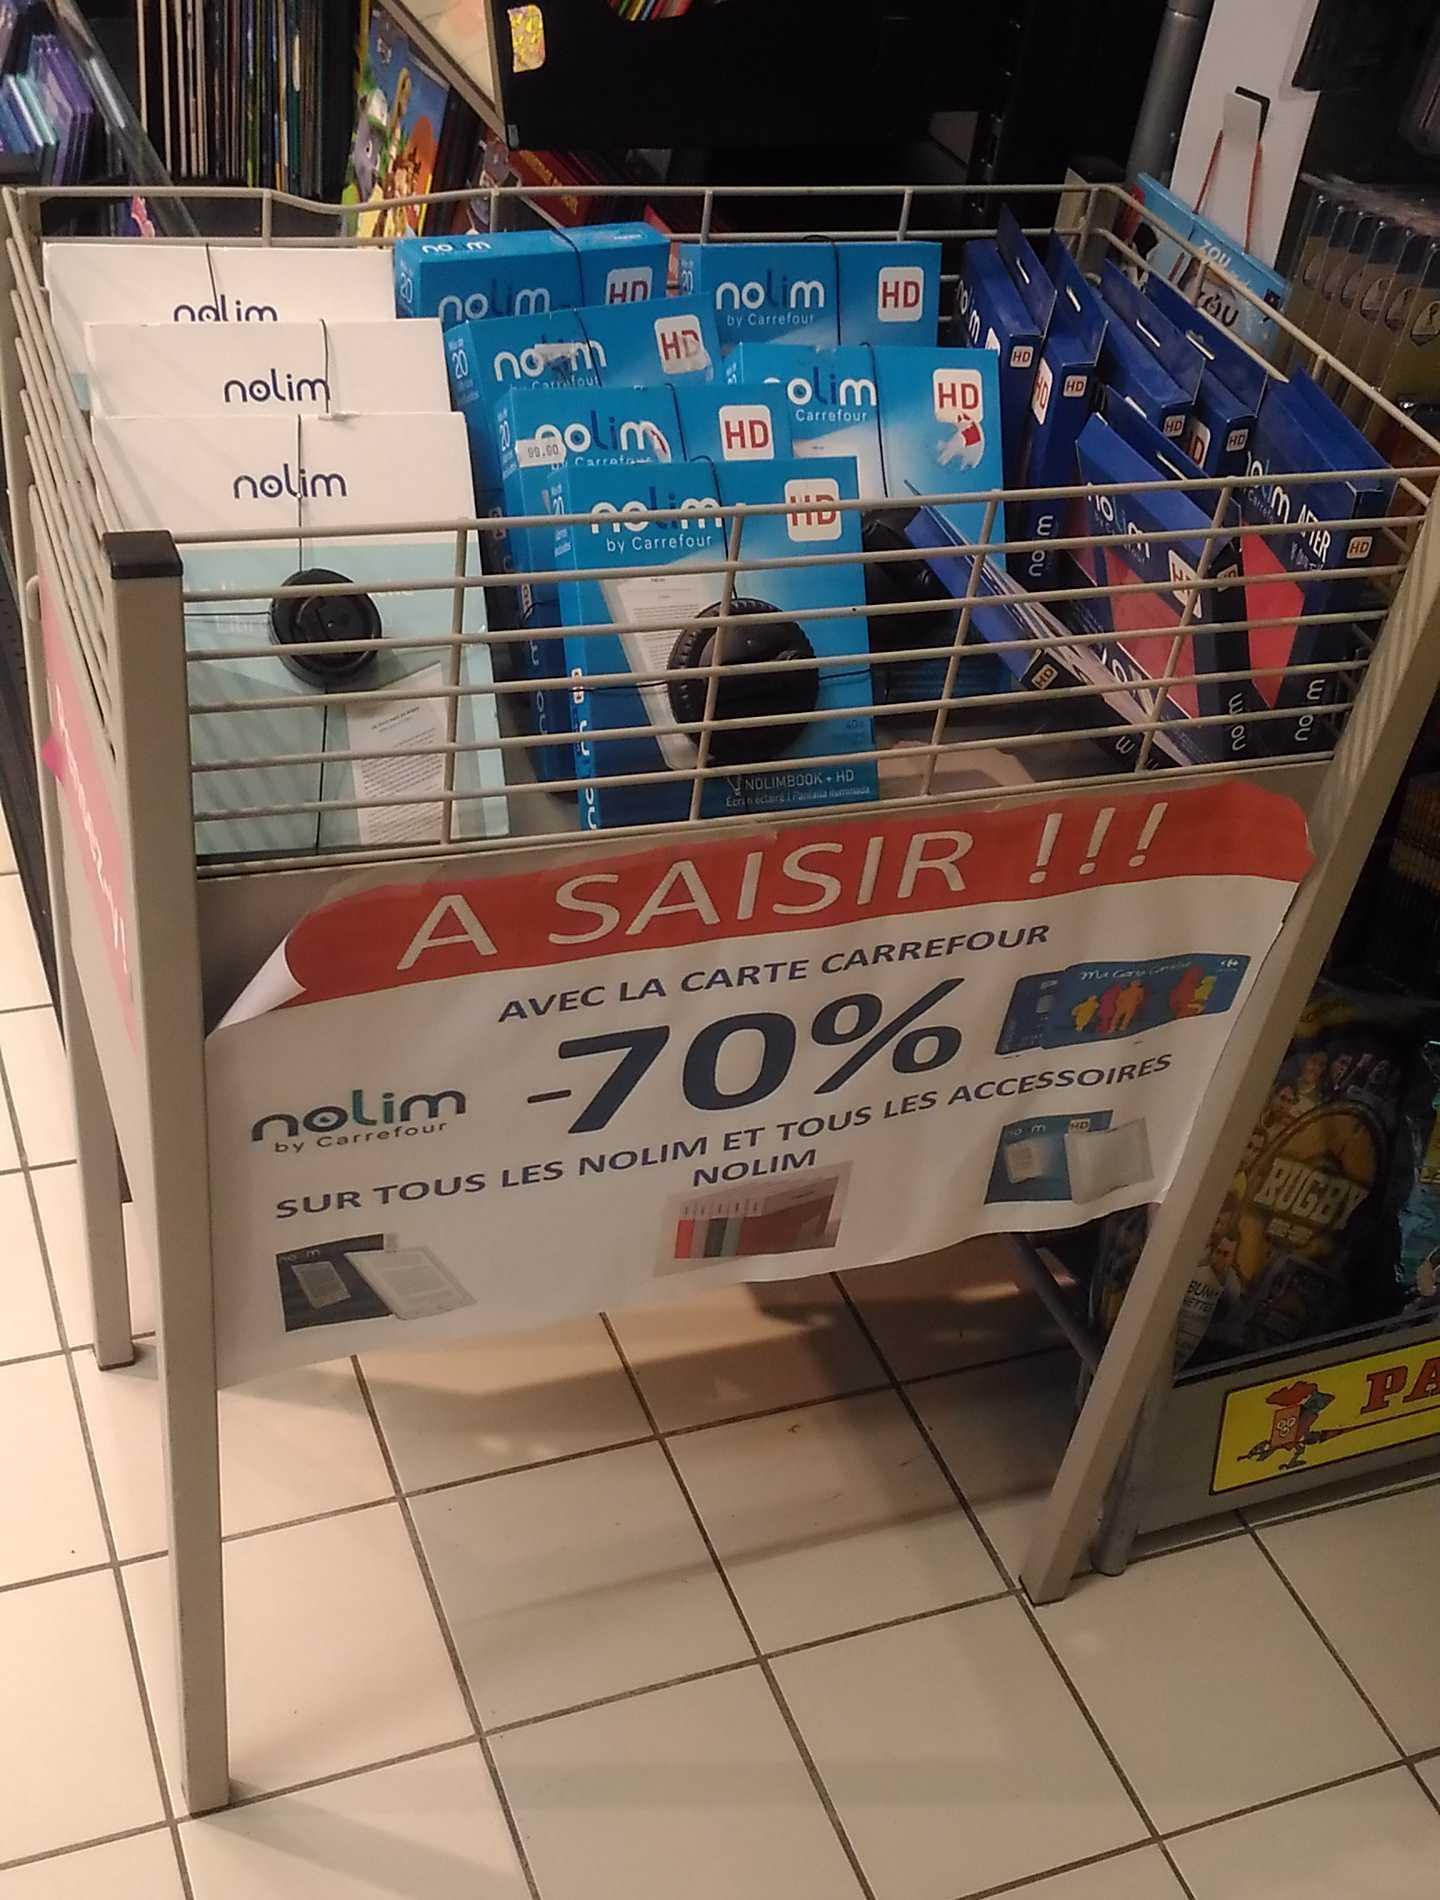 Sélection de Liseuses Nolim en promotion - Ex: Liseuse Nolim (via 49€ sur la carte) - Beauvais (60)